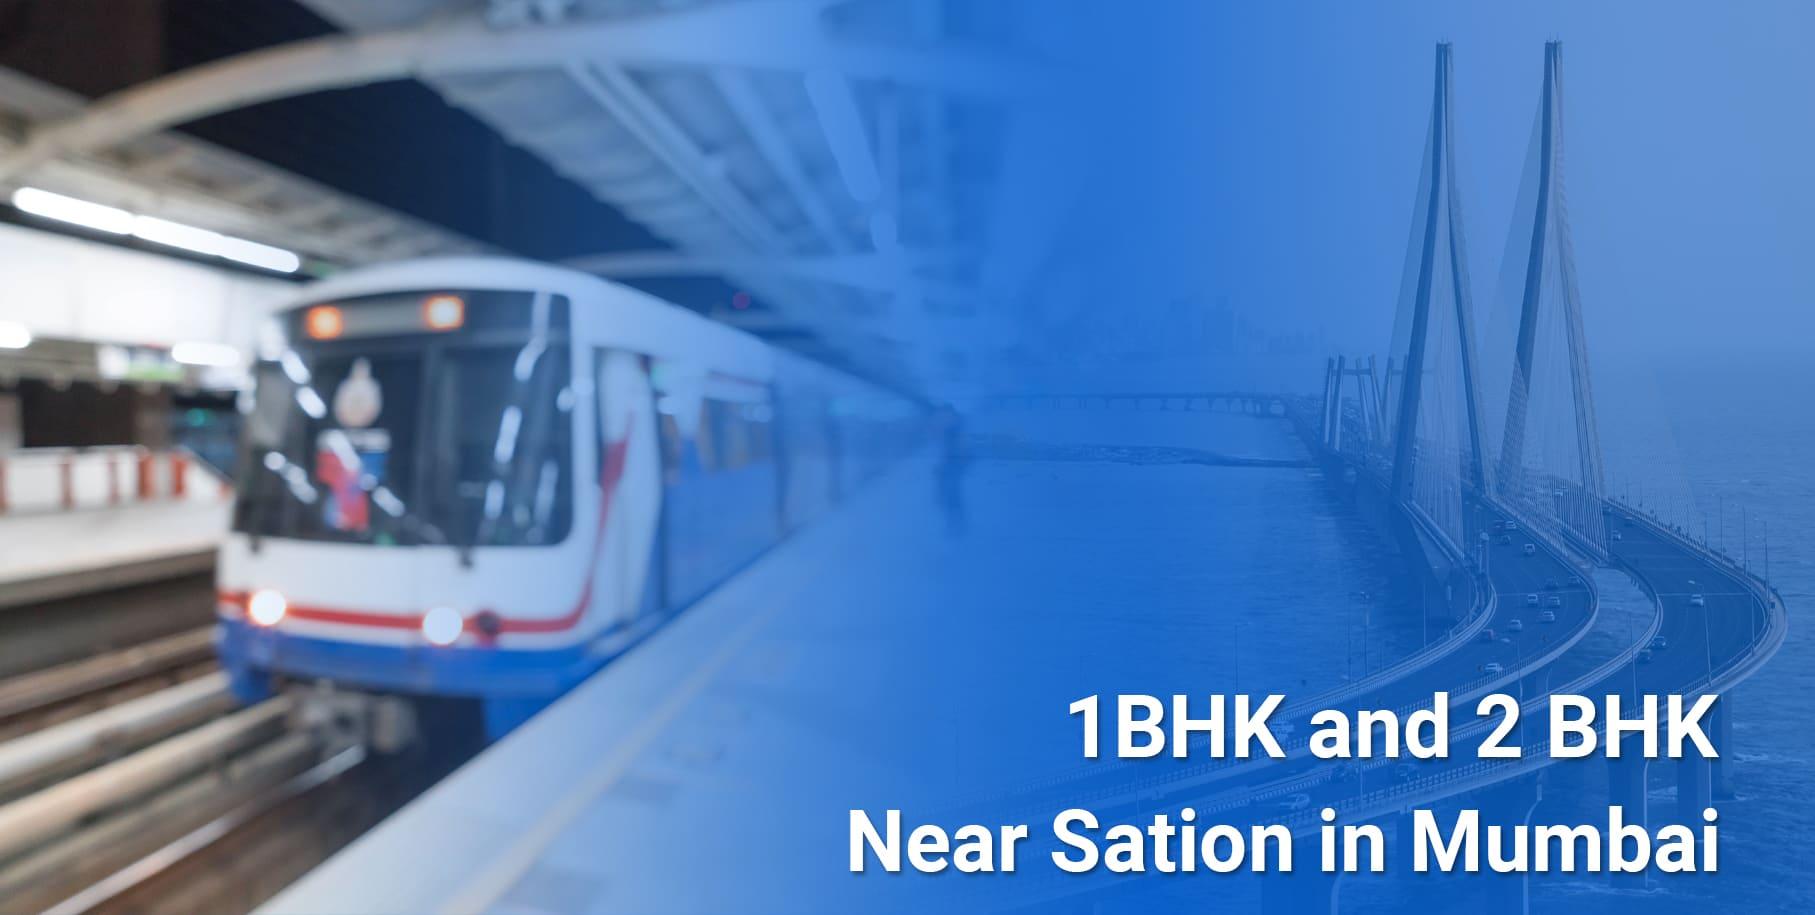 1 BHK & 2 BHK Flats Near Metro Station in Mumbai